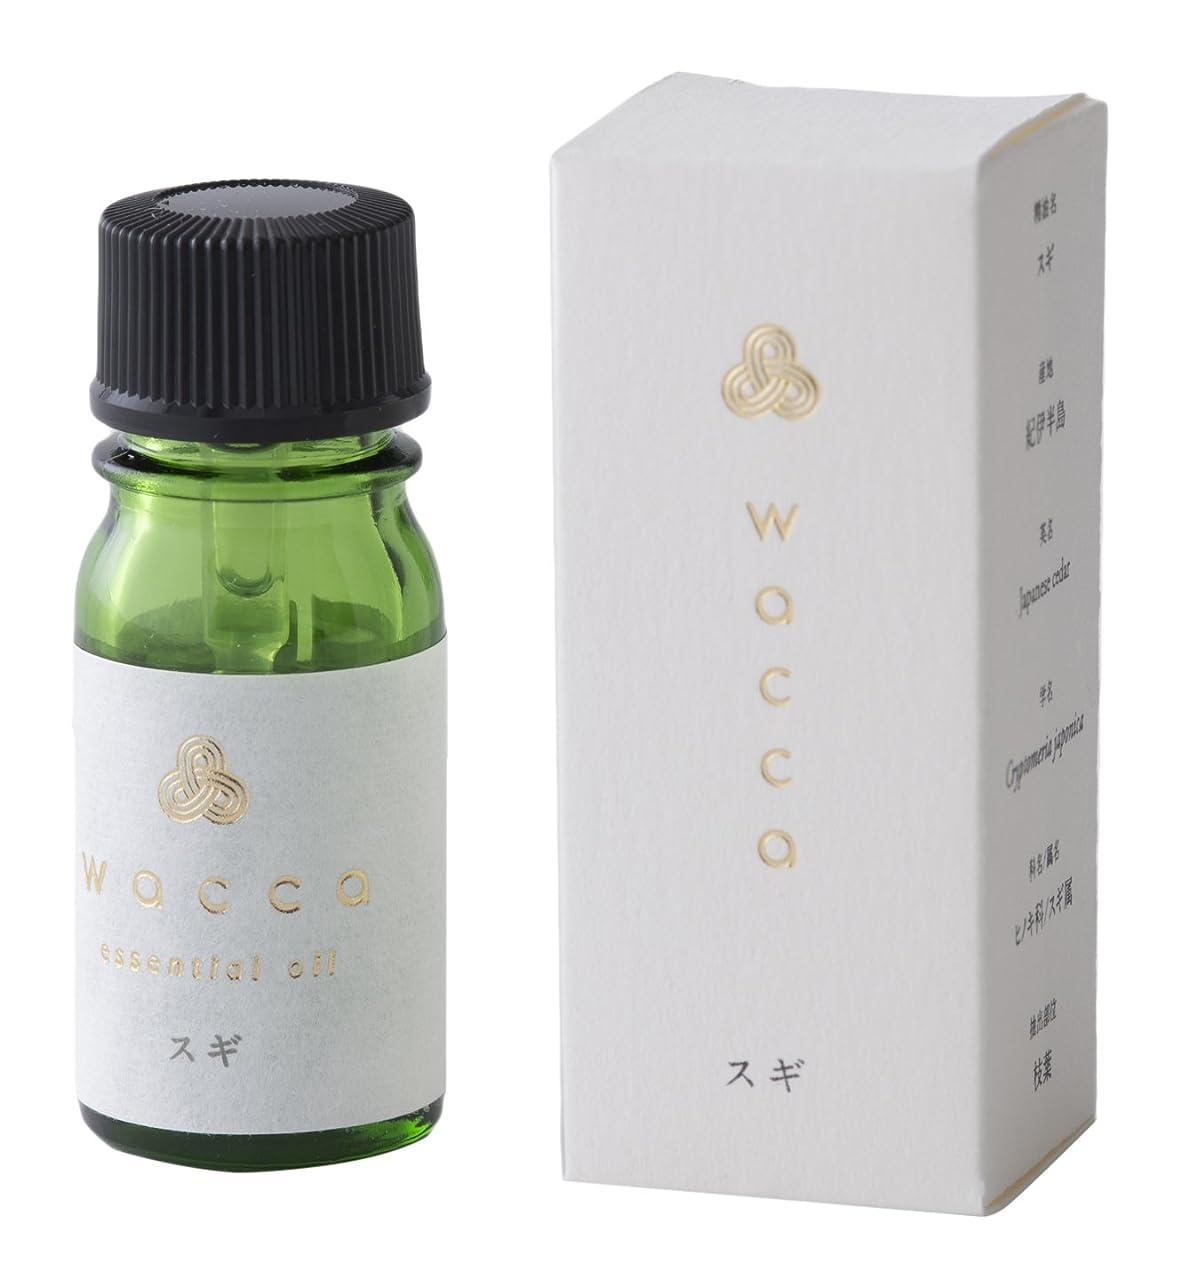 時折マダム親wacca ワッカ エッセンシャルオイル 5ml 杉 スギ Japanese cedar essential oil 和精油 KUSU HANDMADE